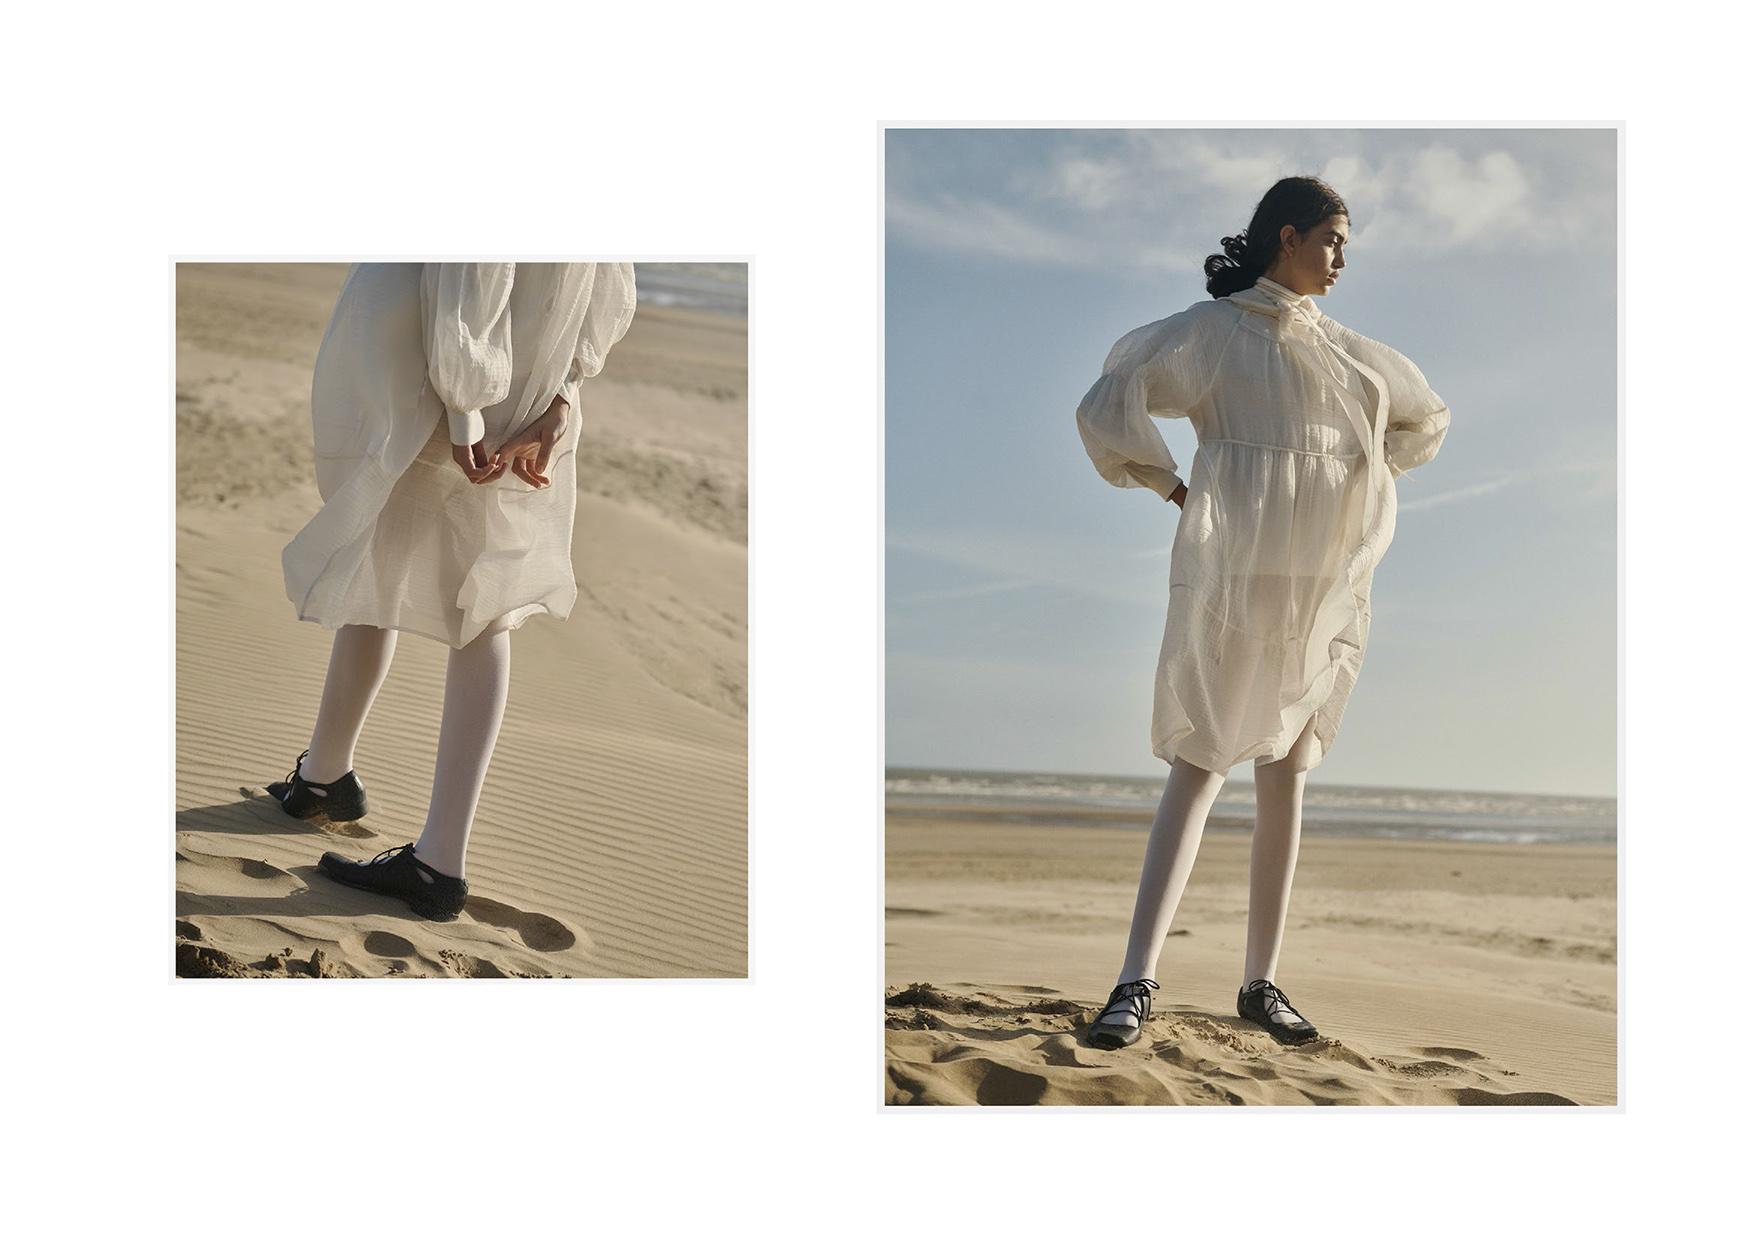 Lissome_Jack Grange_sustainable fashion_10.jpg